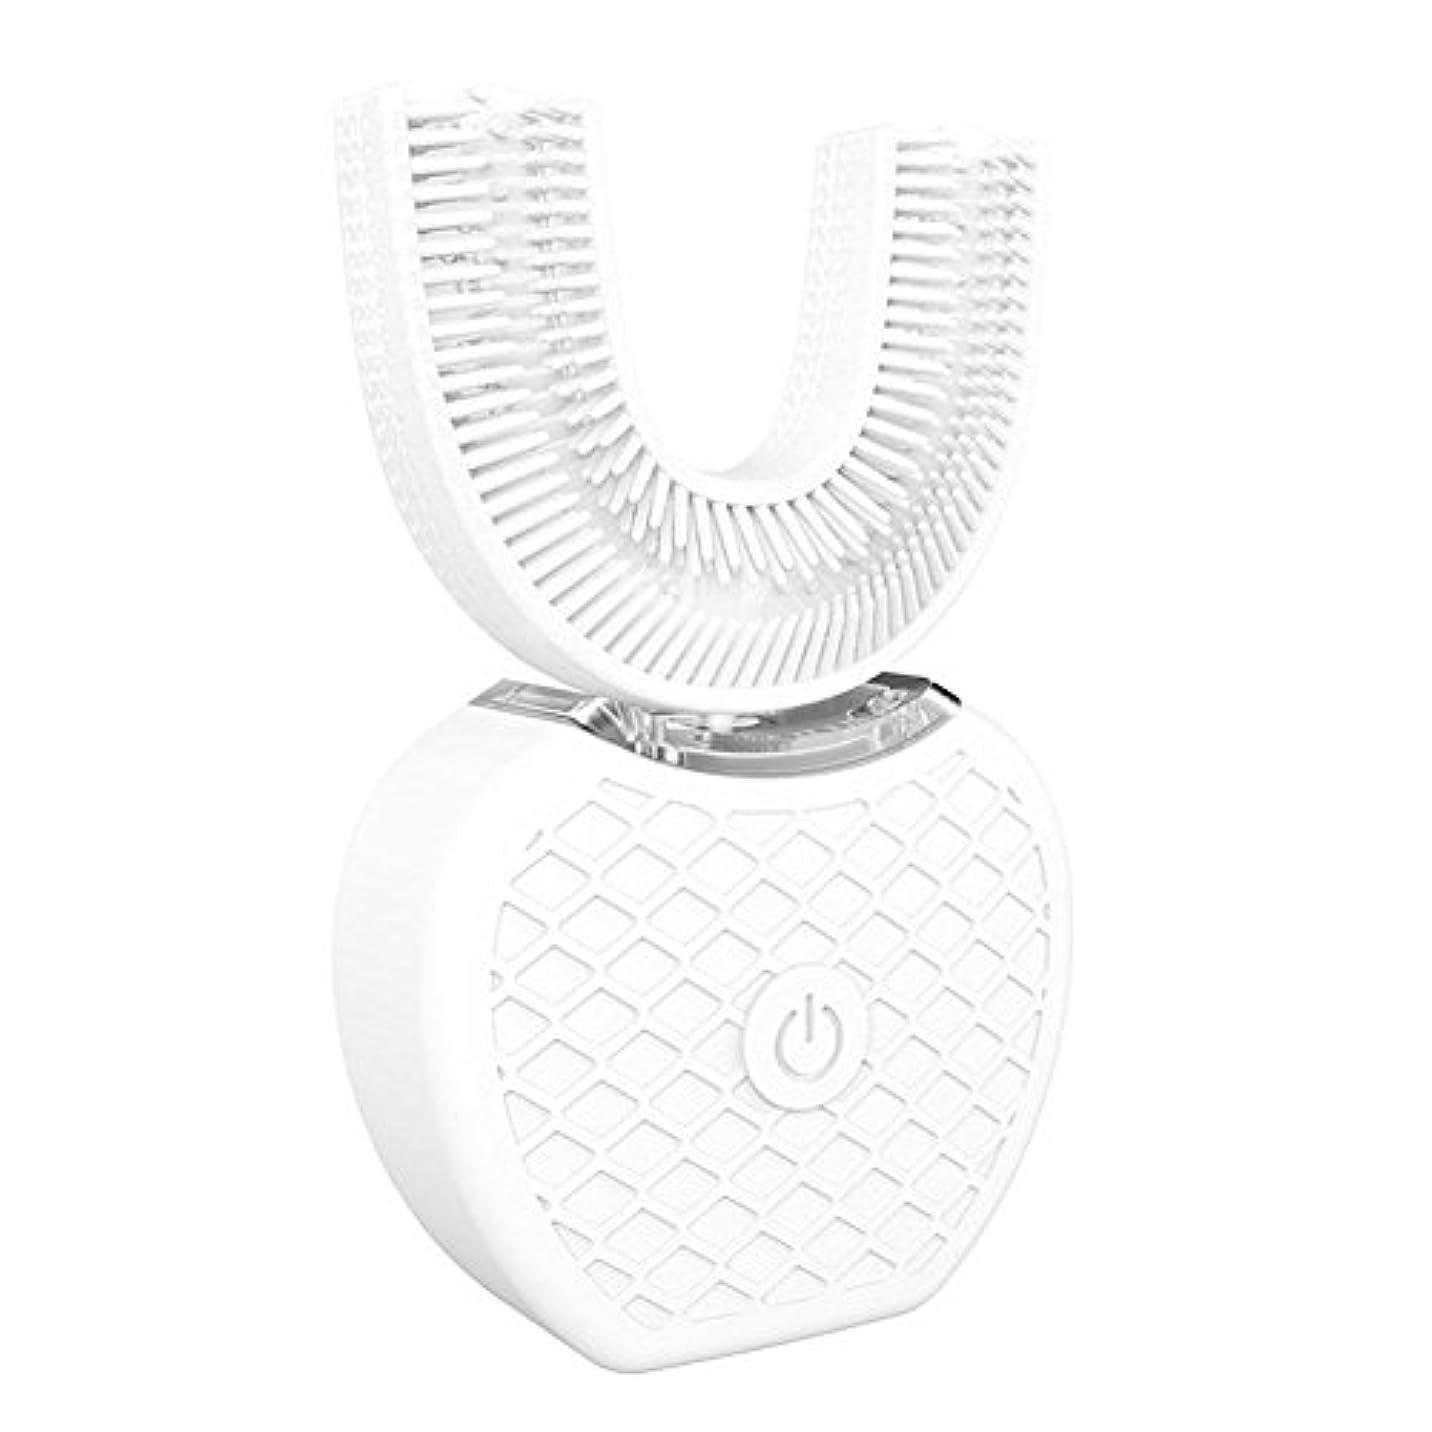 殉教者降下め言葉【Cheng-store】自動周波数超音波電動歯ブラシ360° 怠惰な歯ブラシ白い歯の器具 自動ハンズフリー白色発光 ブラシヘッドをU字型4選択可能なモード